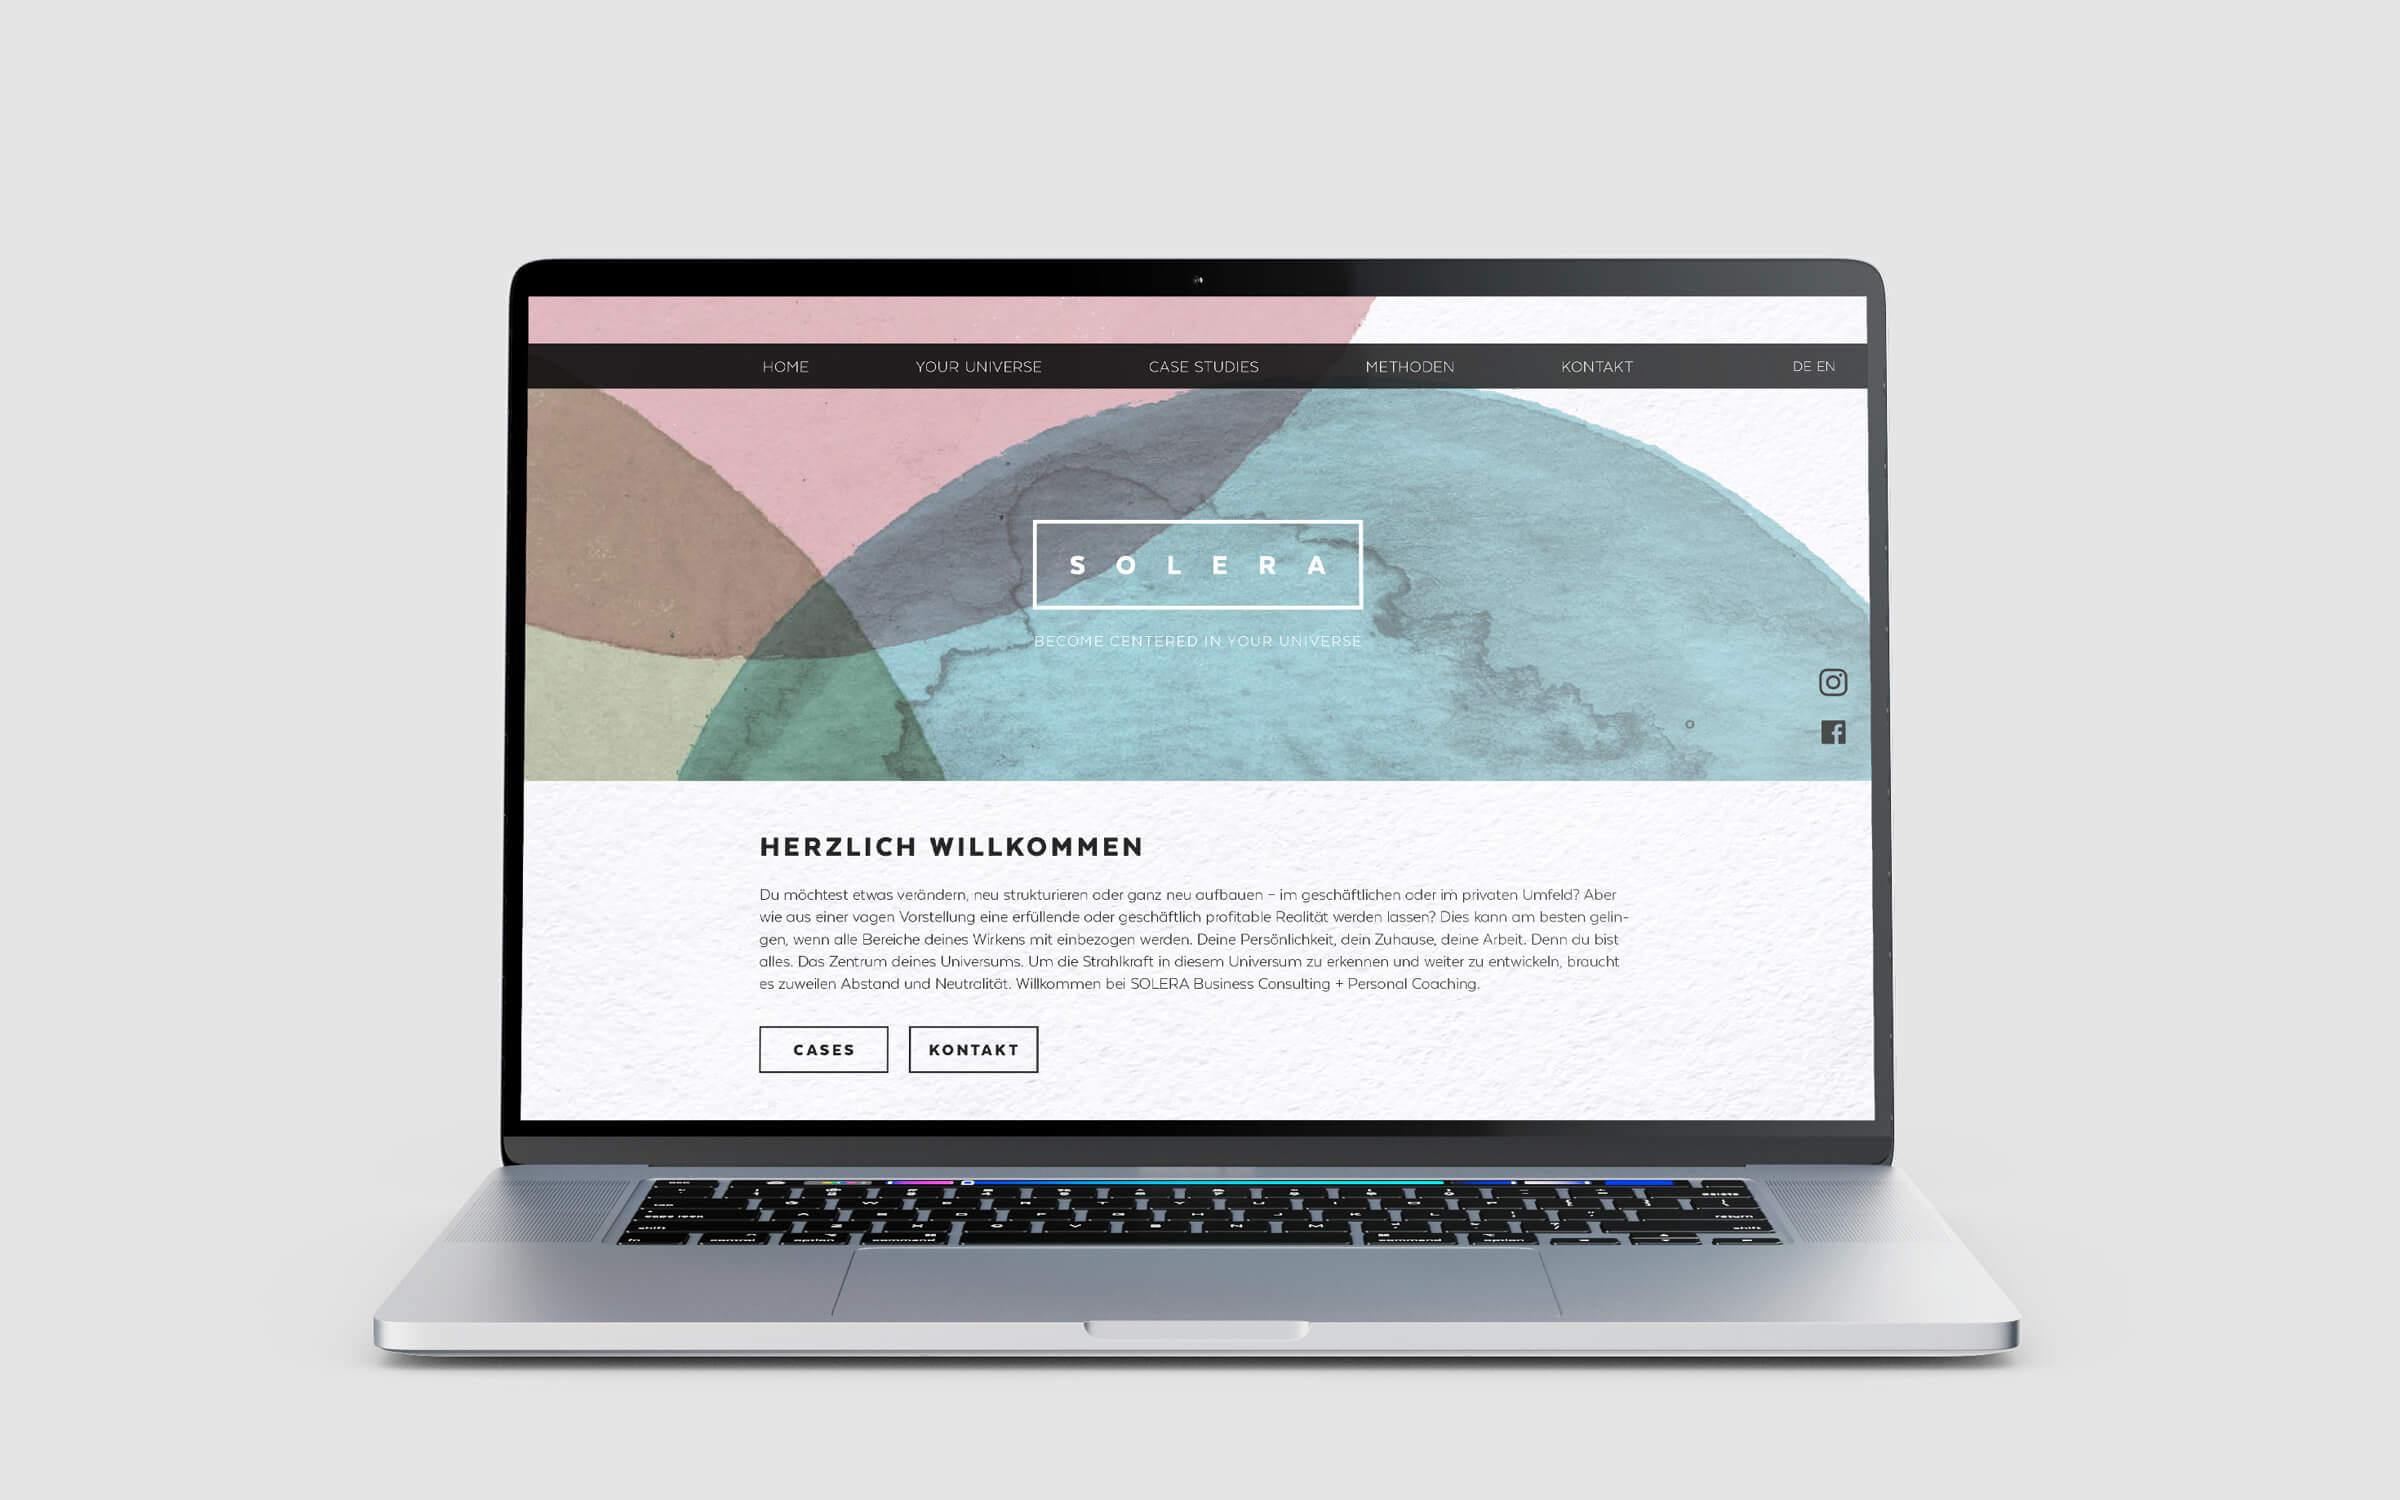 Webdesign made by Hallmannpienta